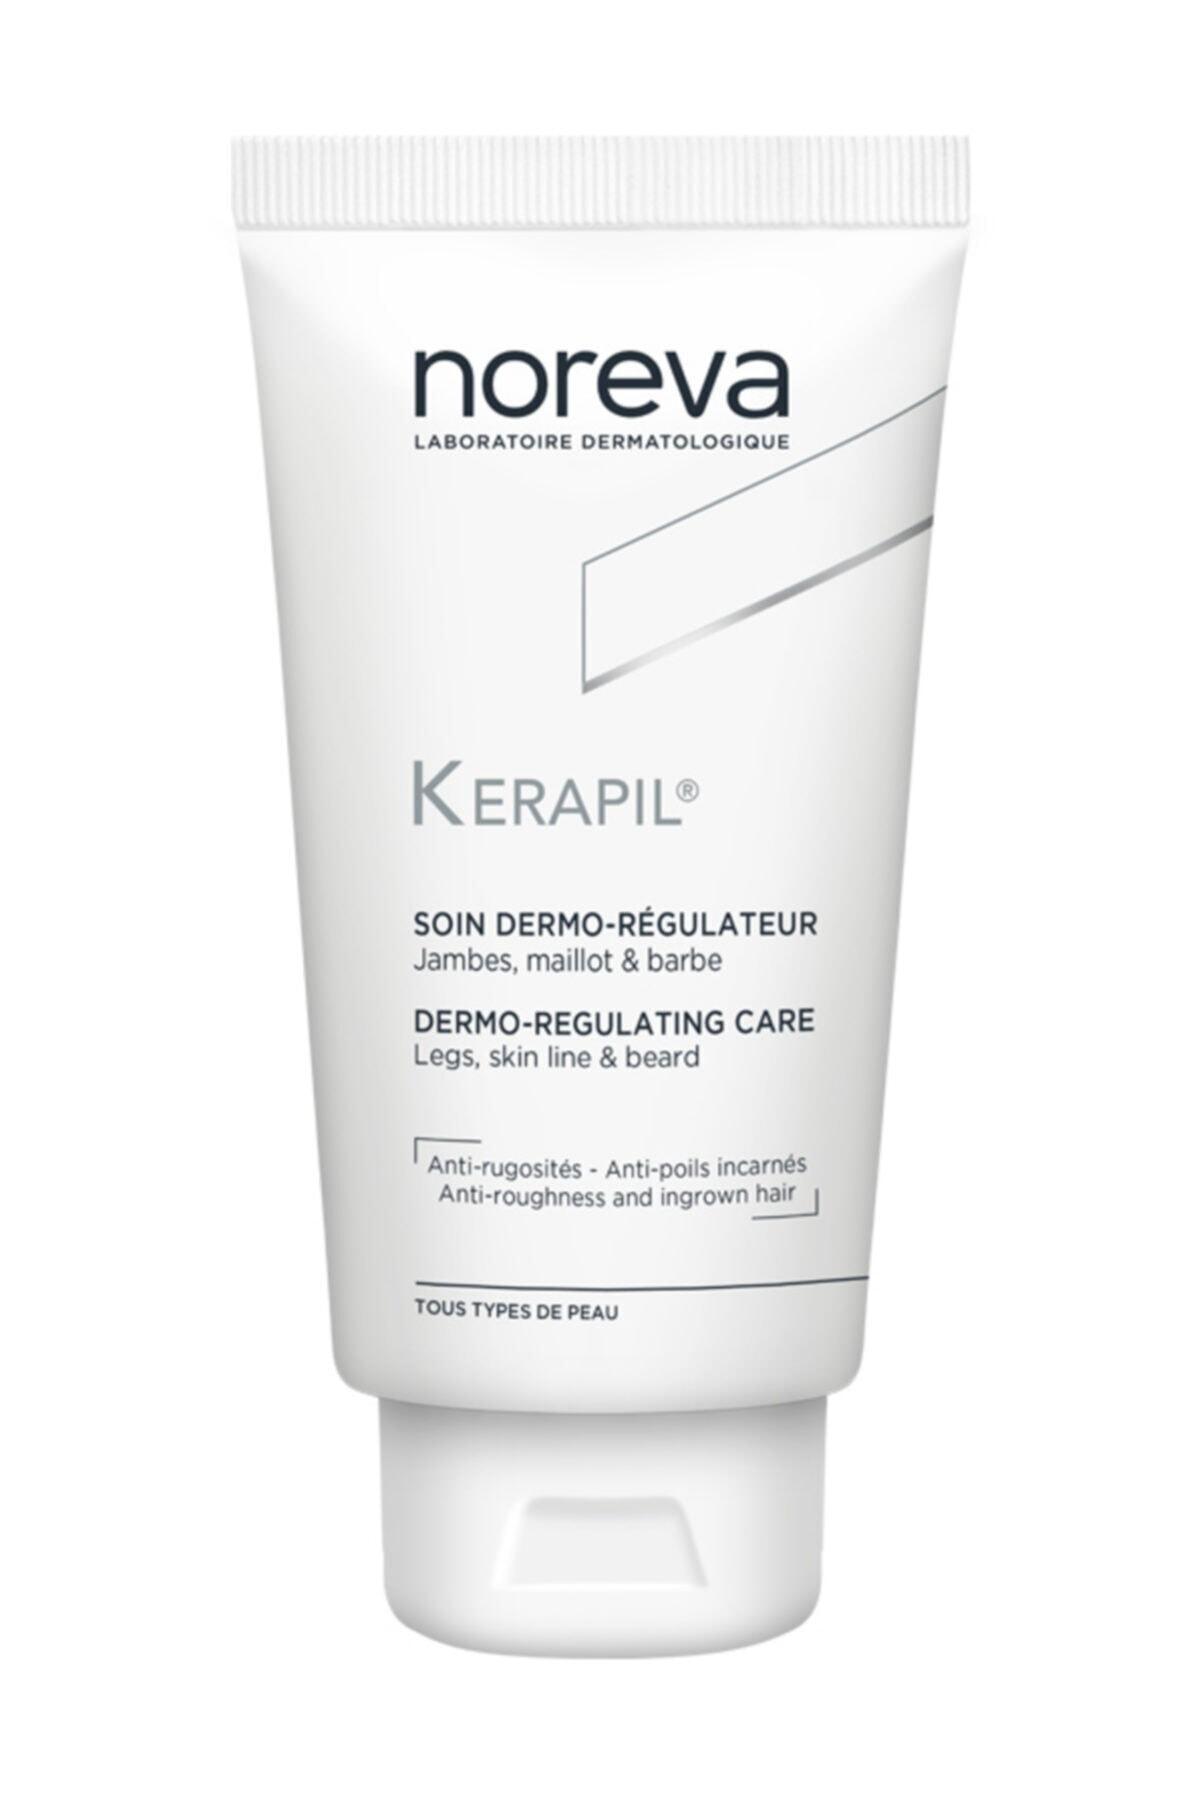 Noreva Batık Bakım Kremi Bacak /bikini / Sakal - Kerapil Dermo-regulating Care 75 Ml 1